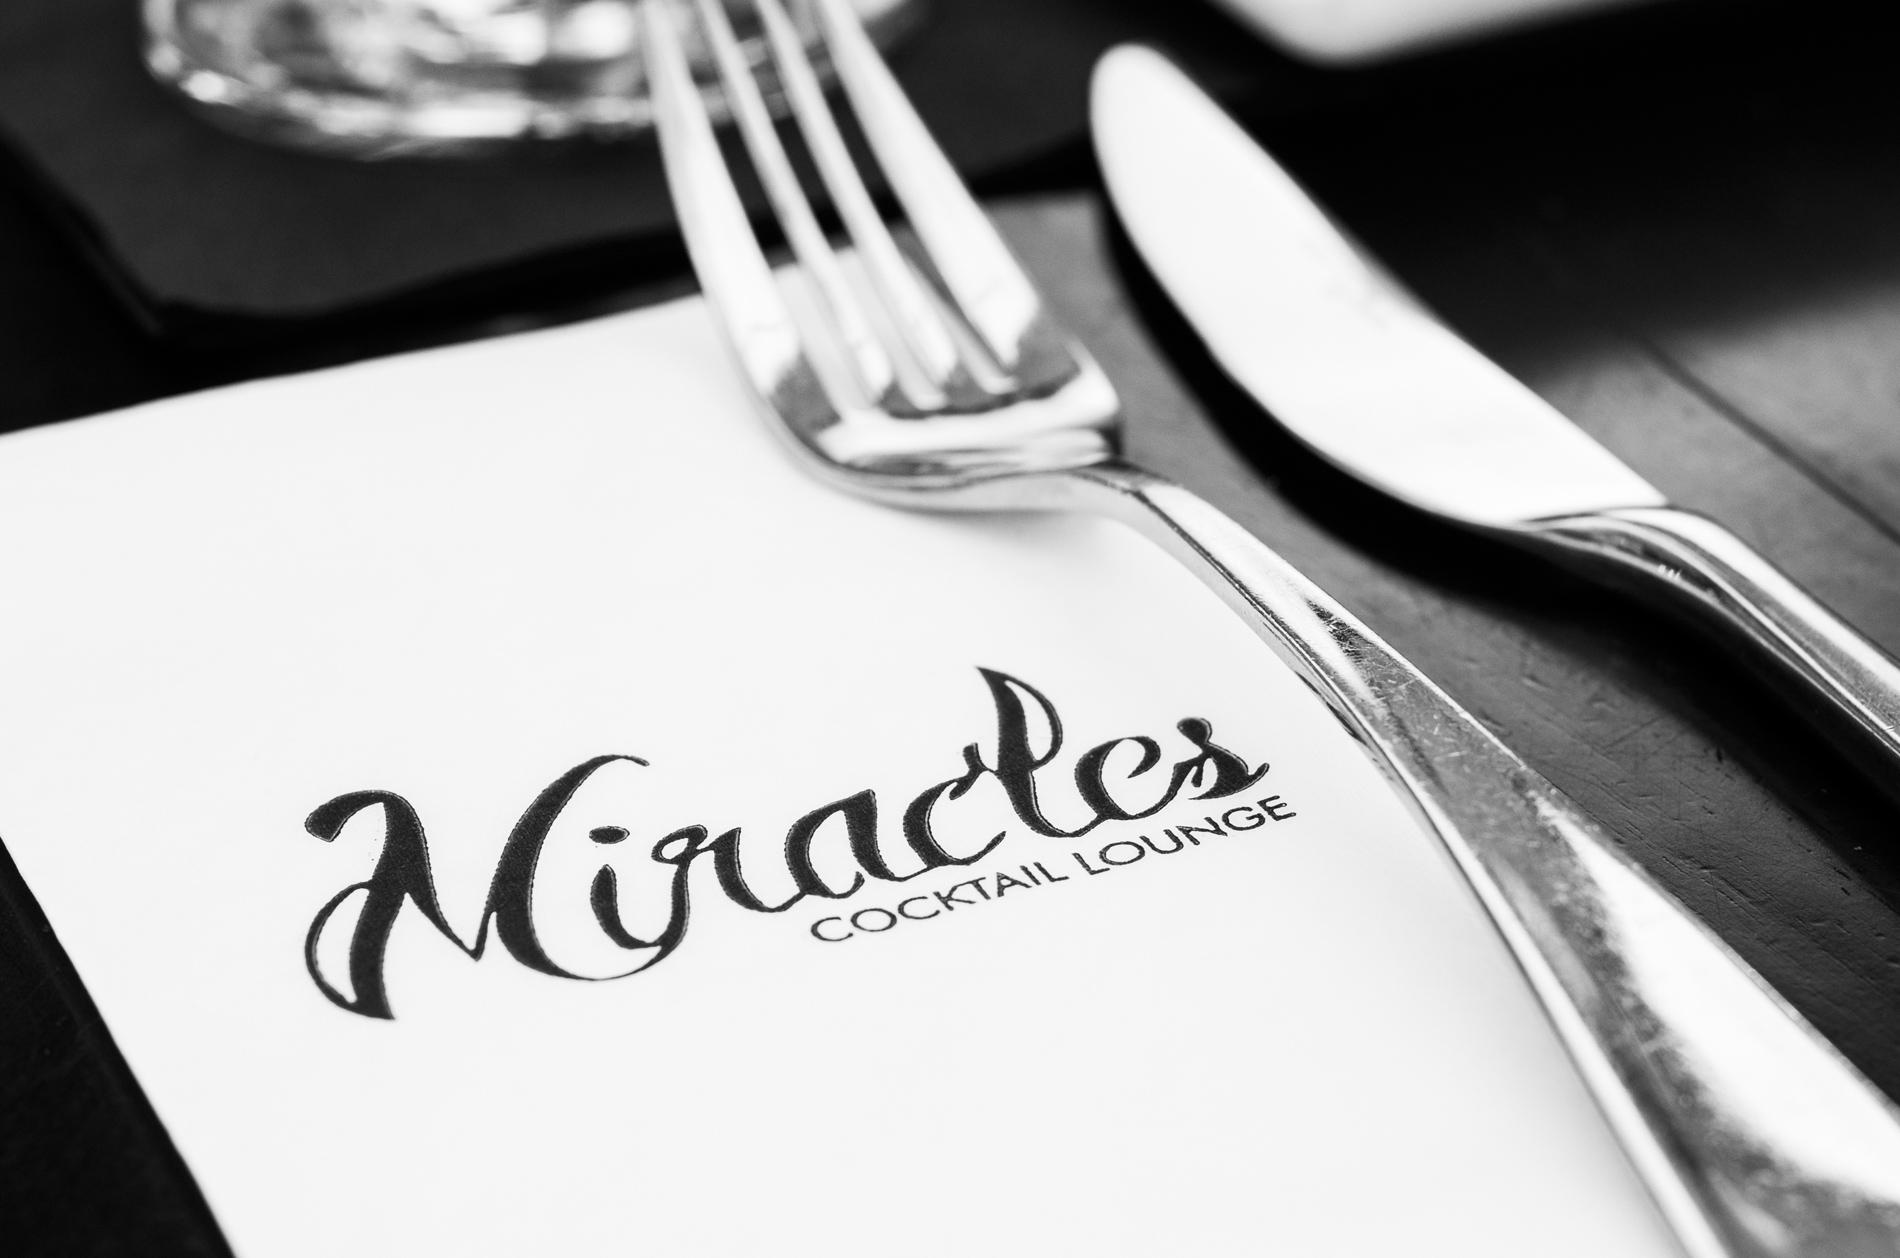 Miracles napkin logo